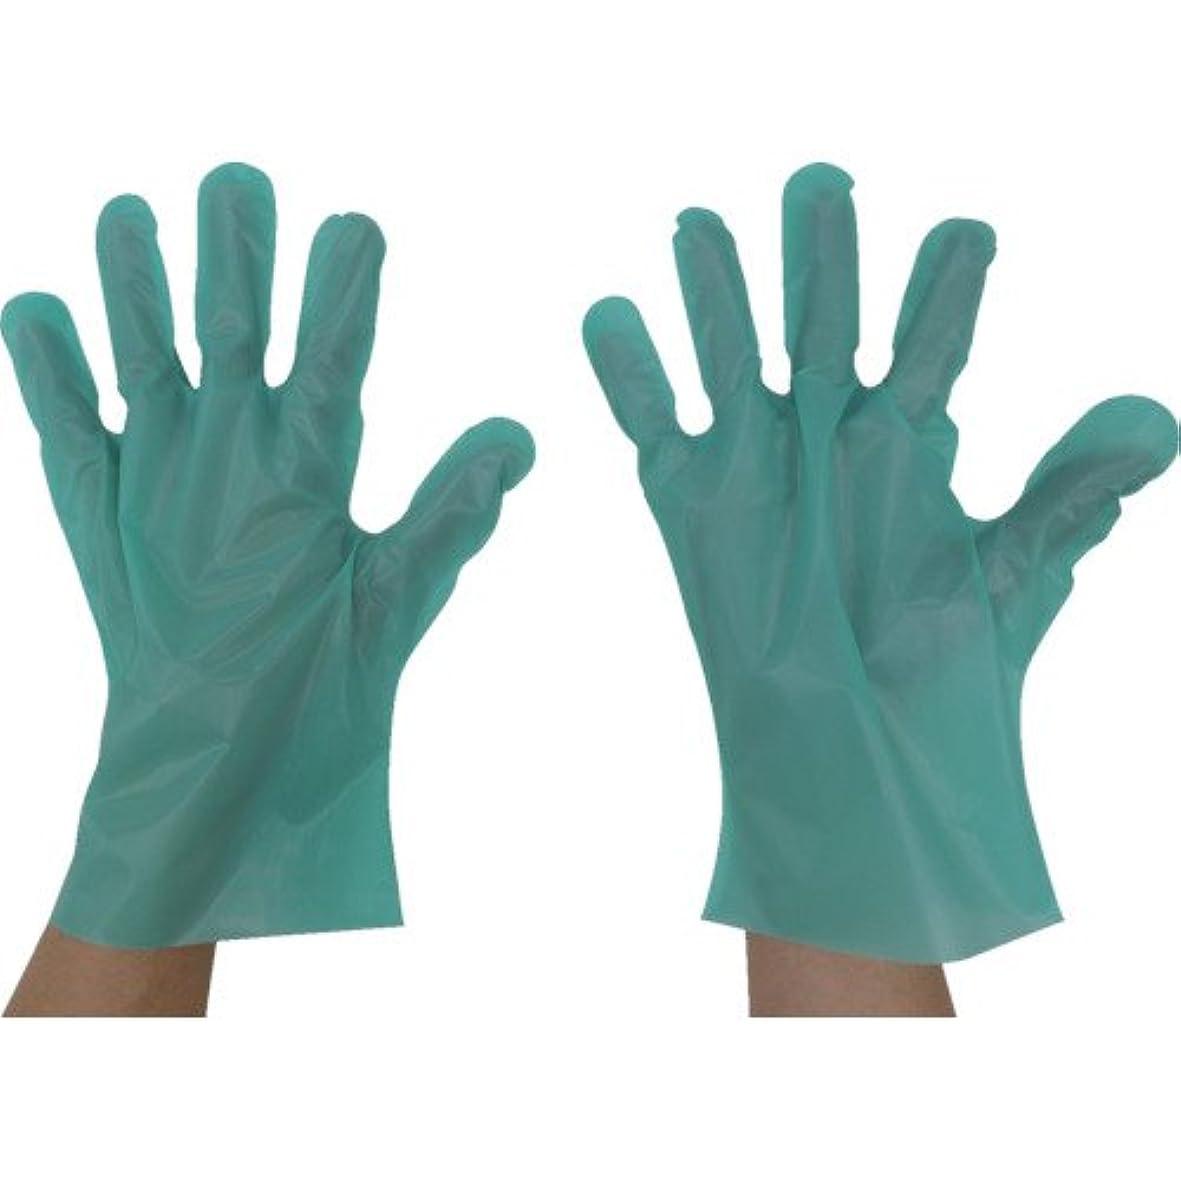 新着ベックス作り東京パック エンボス手袋五本絞りエコノミー化粧箱M グリーン GEK-M